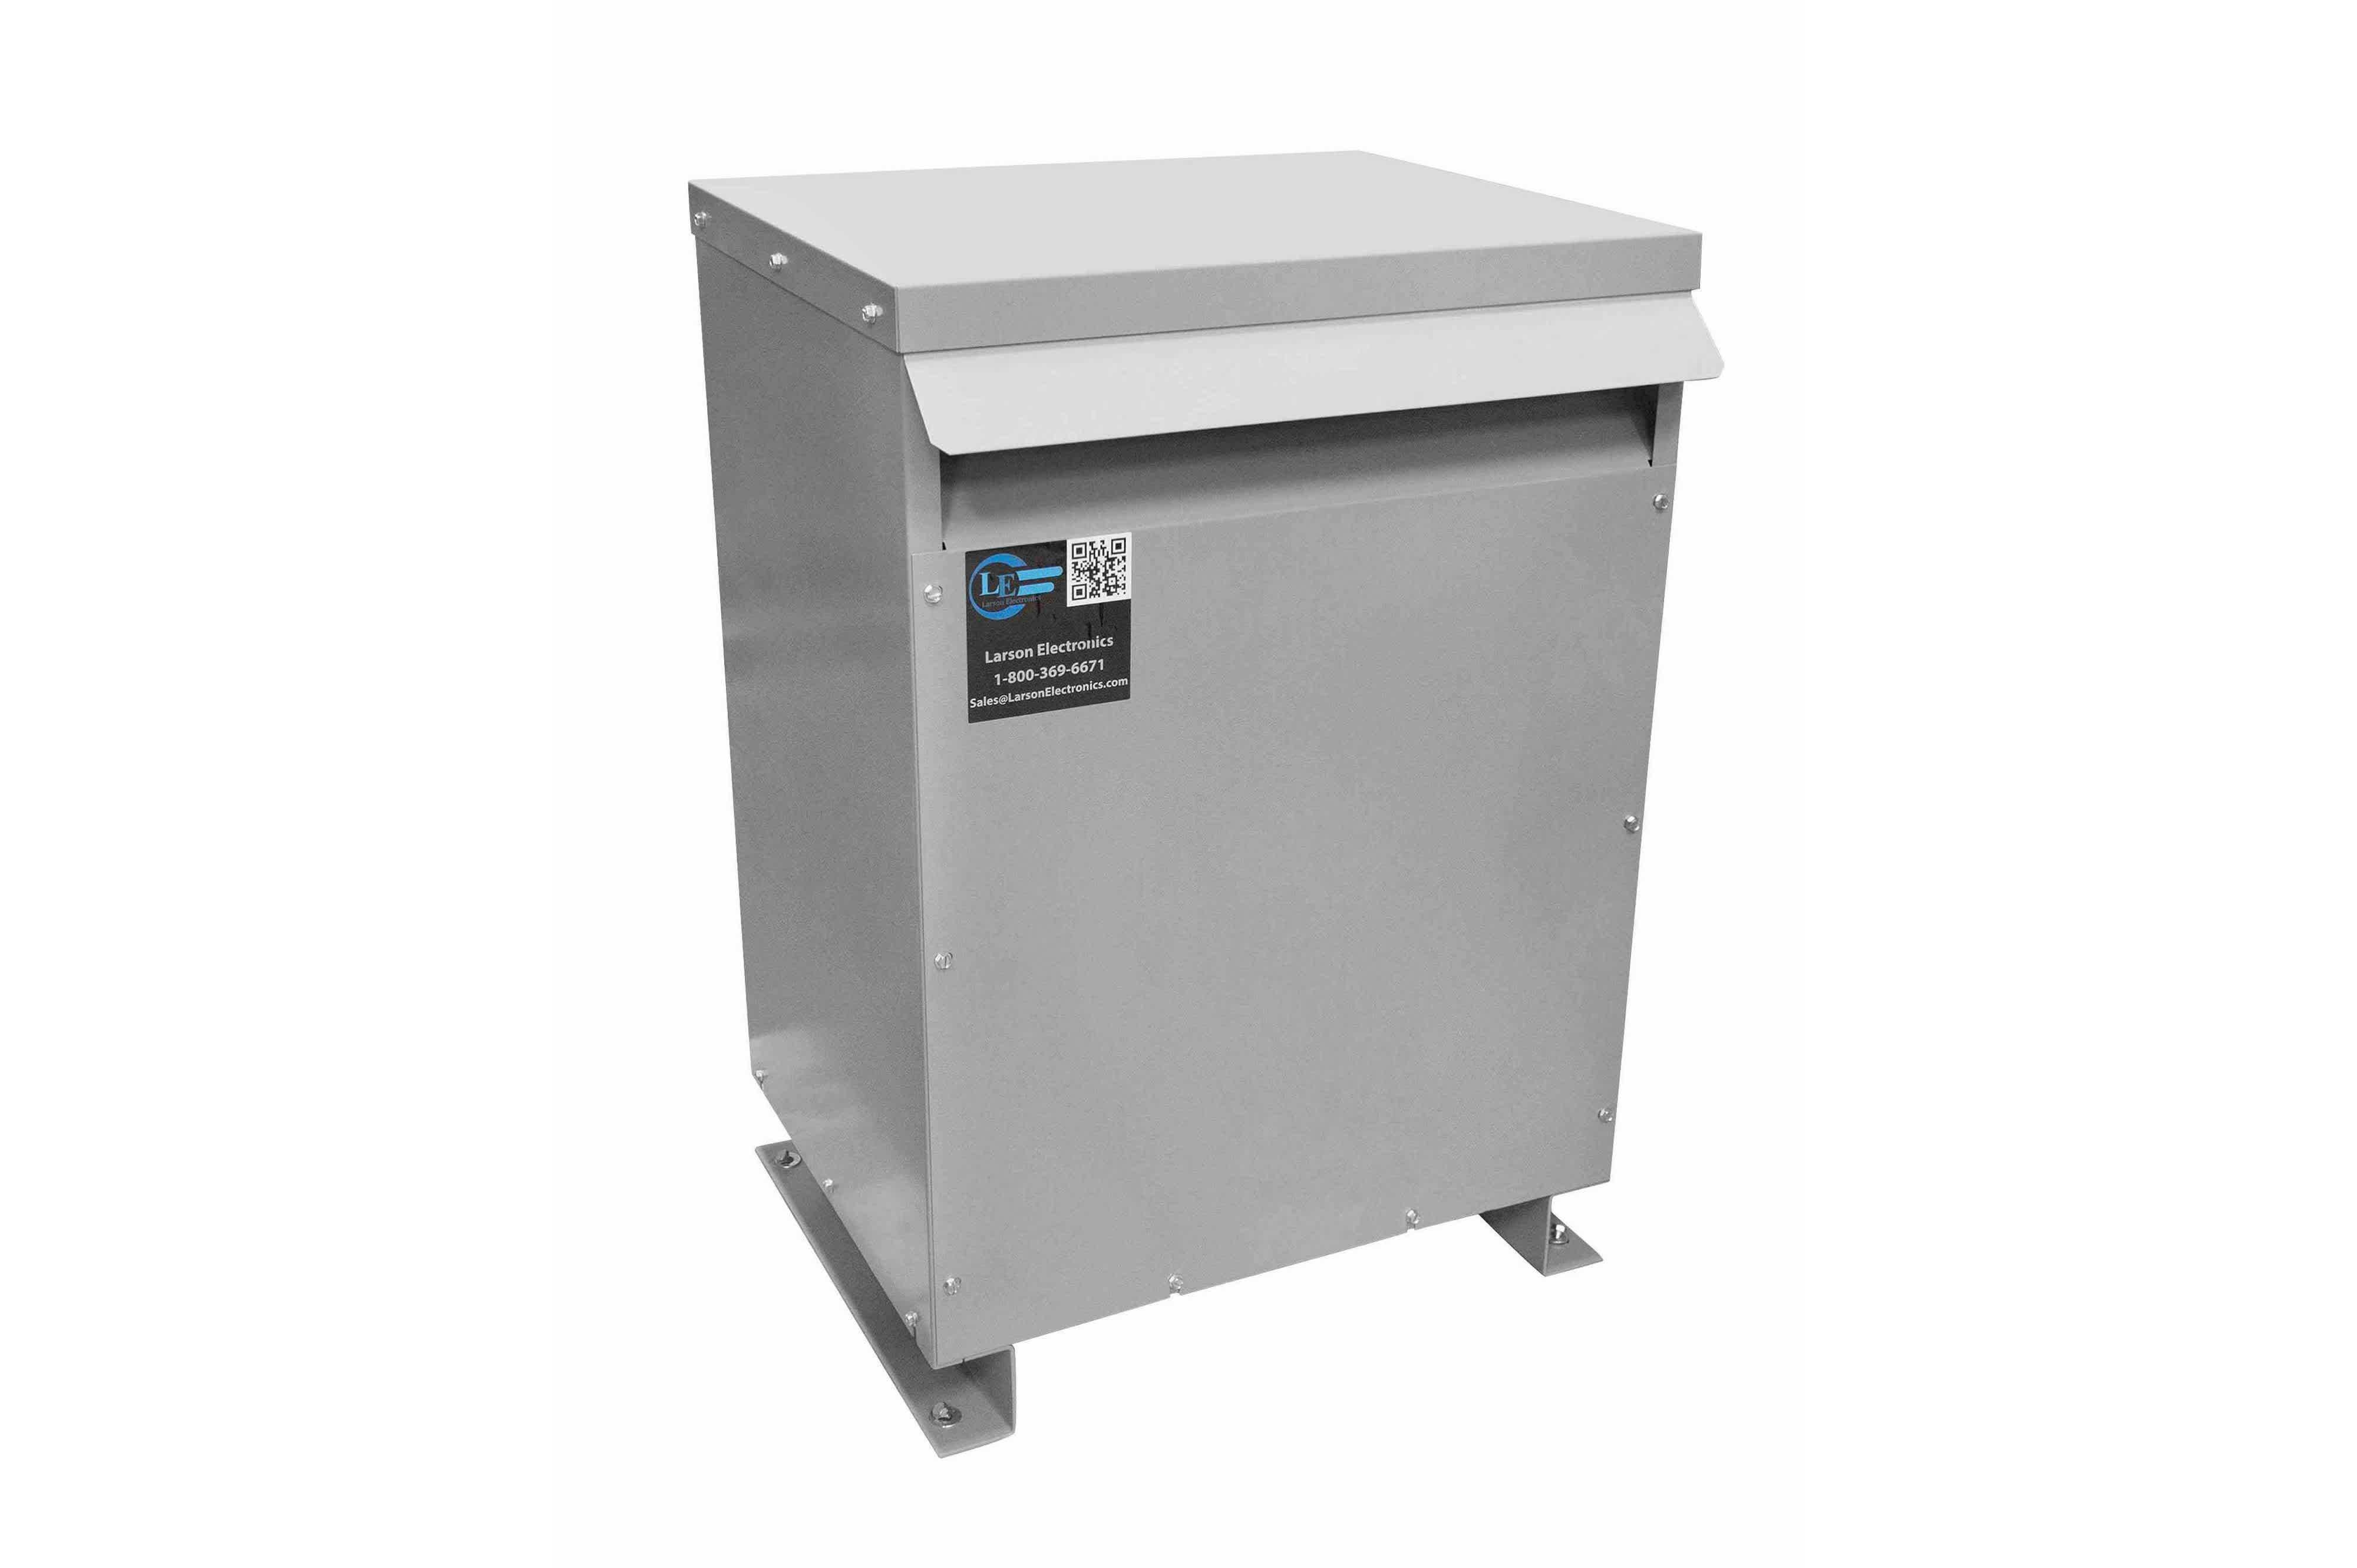 37.5 kVA 3PH Isolation Transformer, 600V Delta Primary, 480V Delta Secondary, N3R, Ventilated, 60 Hz